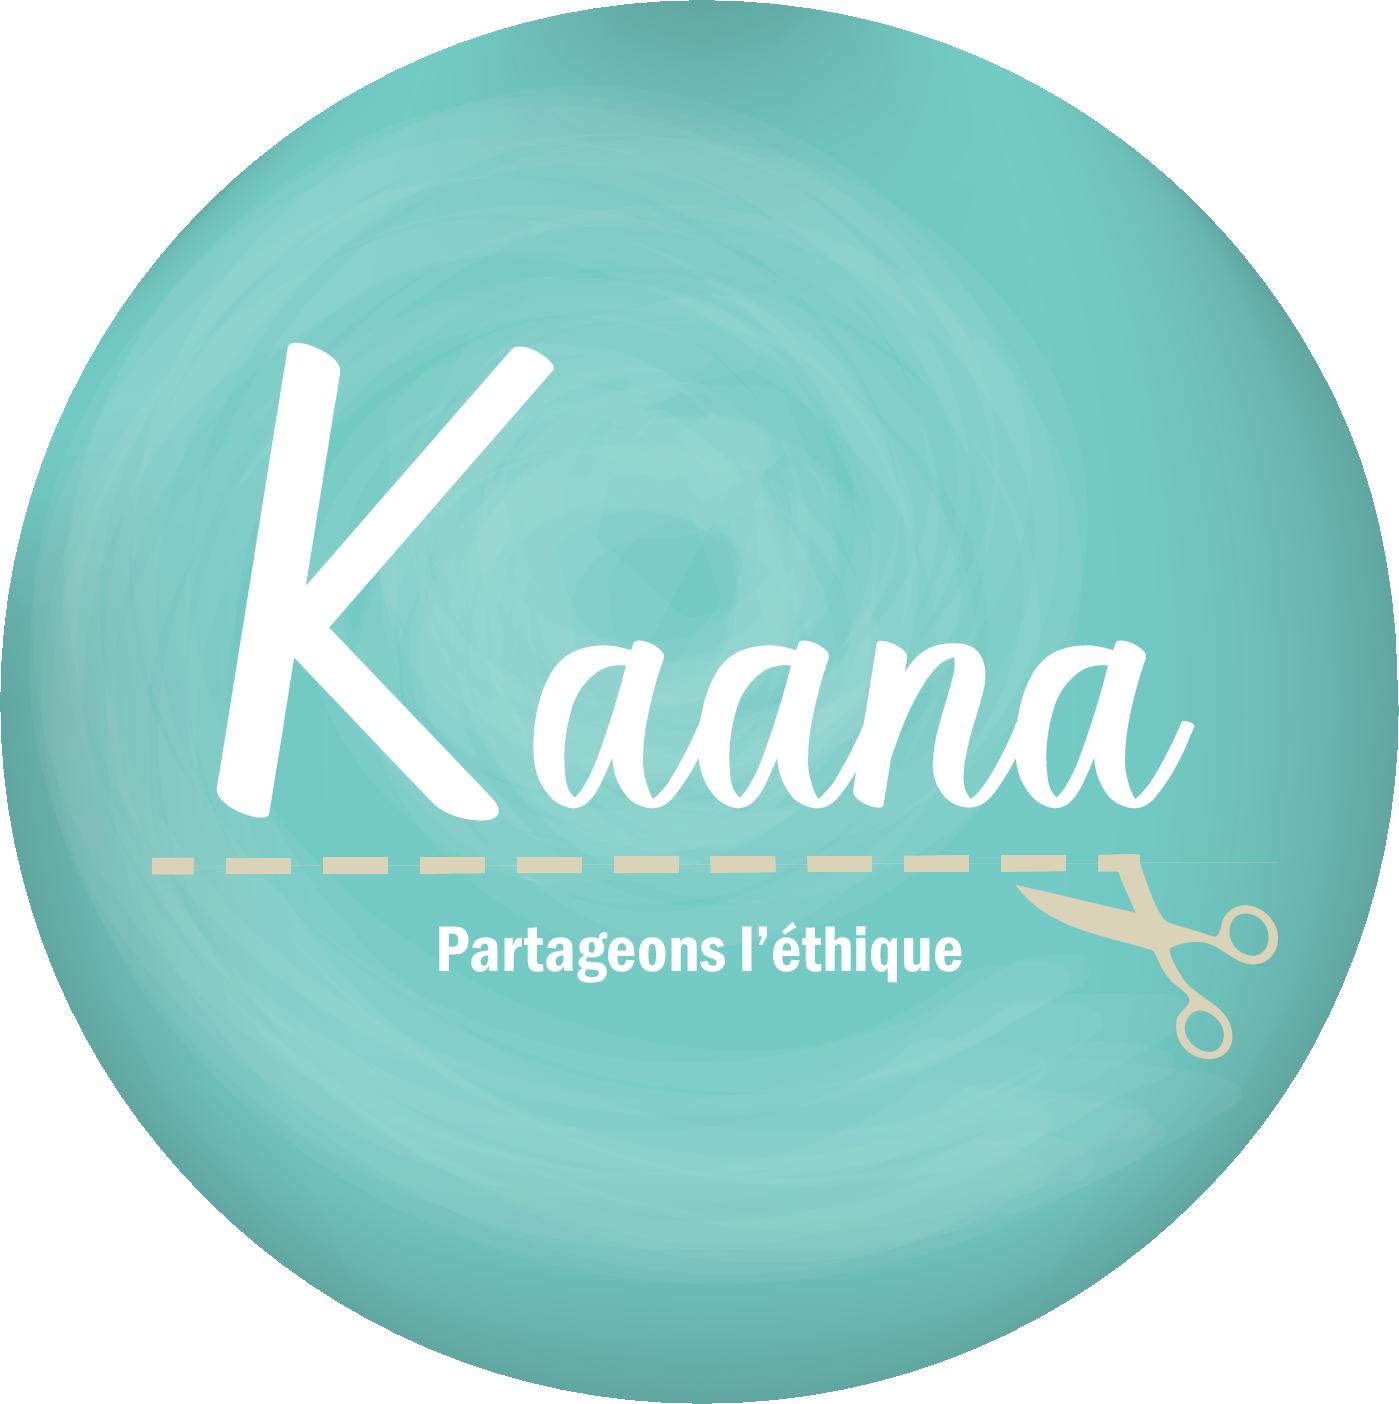 Kaana